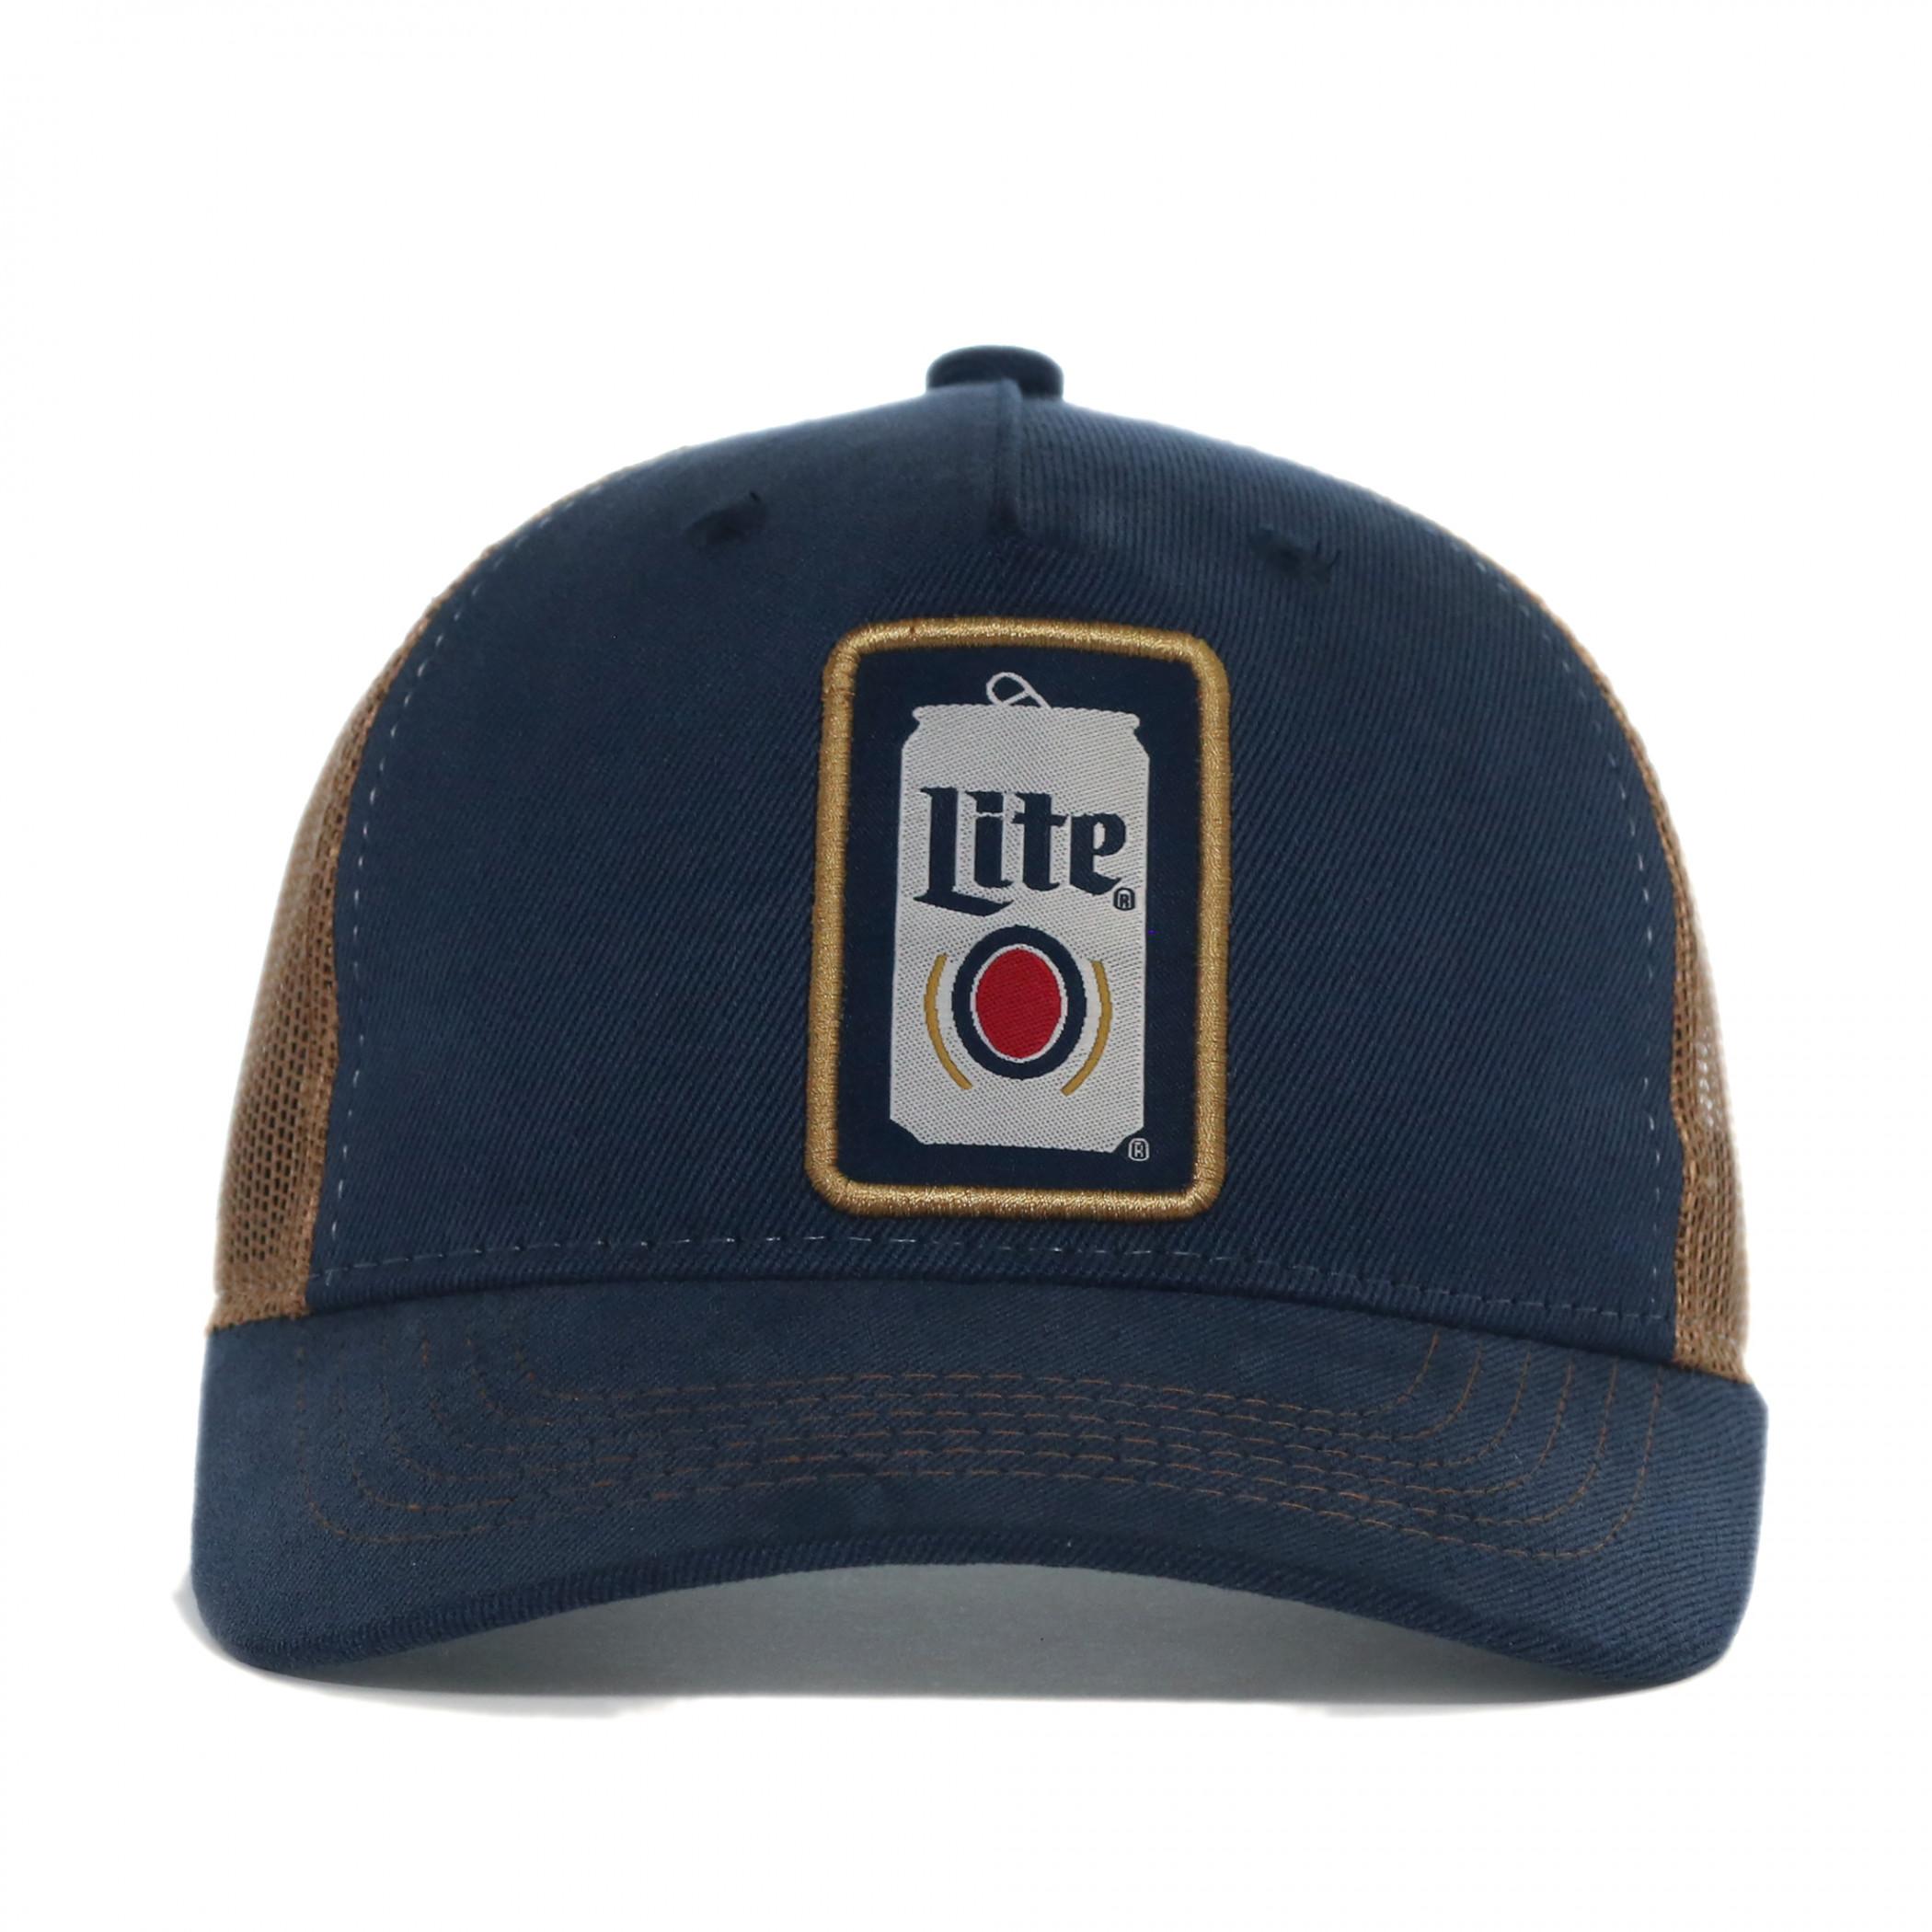 Miller Lite Beer Can Adjustable Trucker Hat